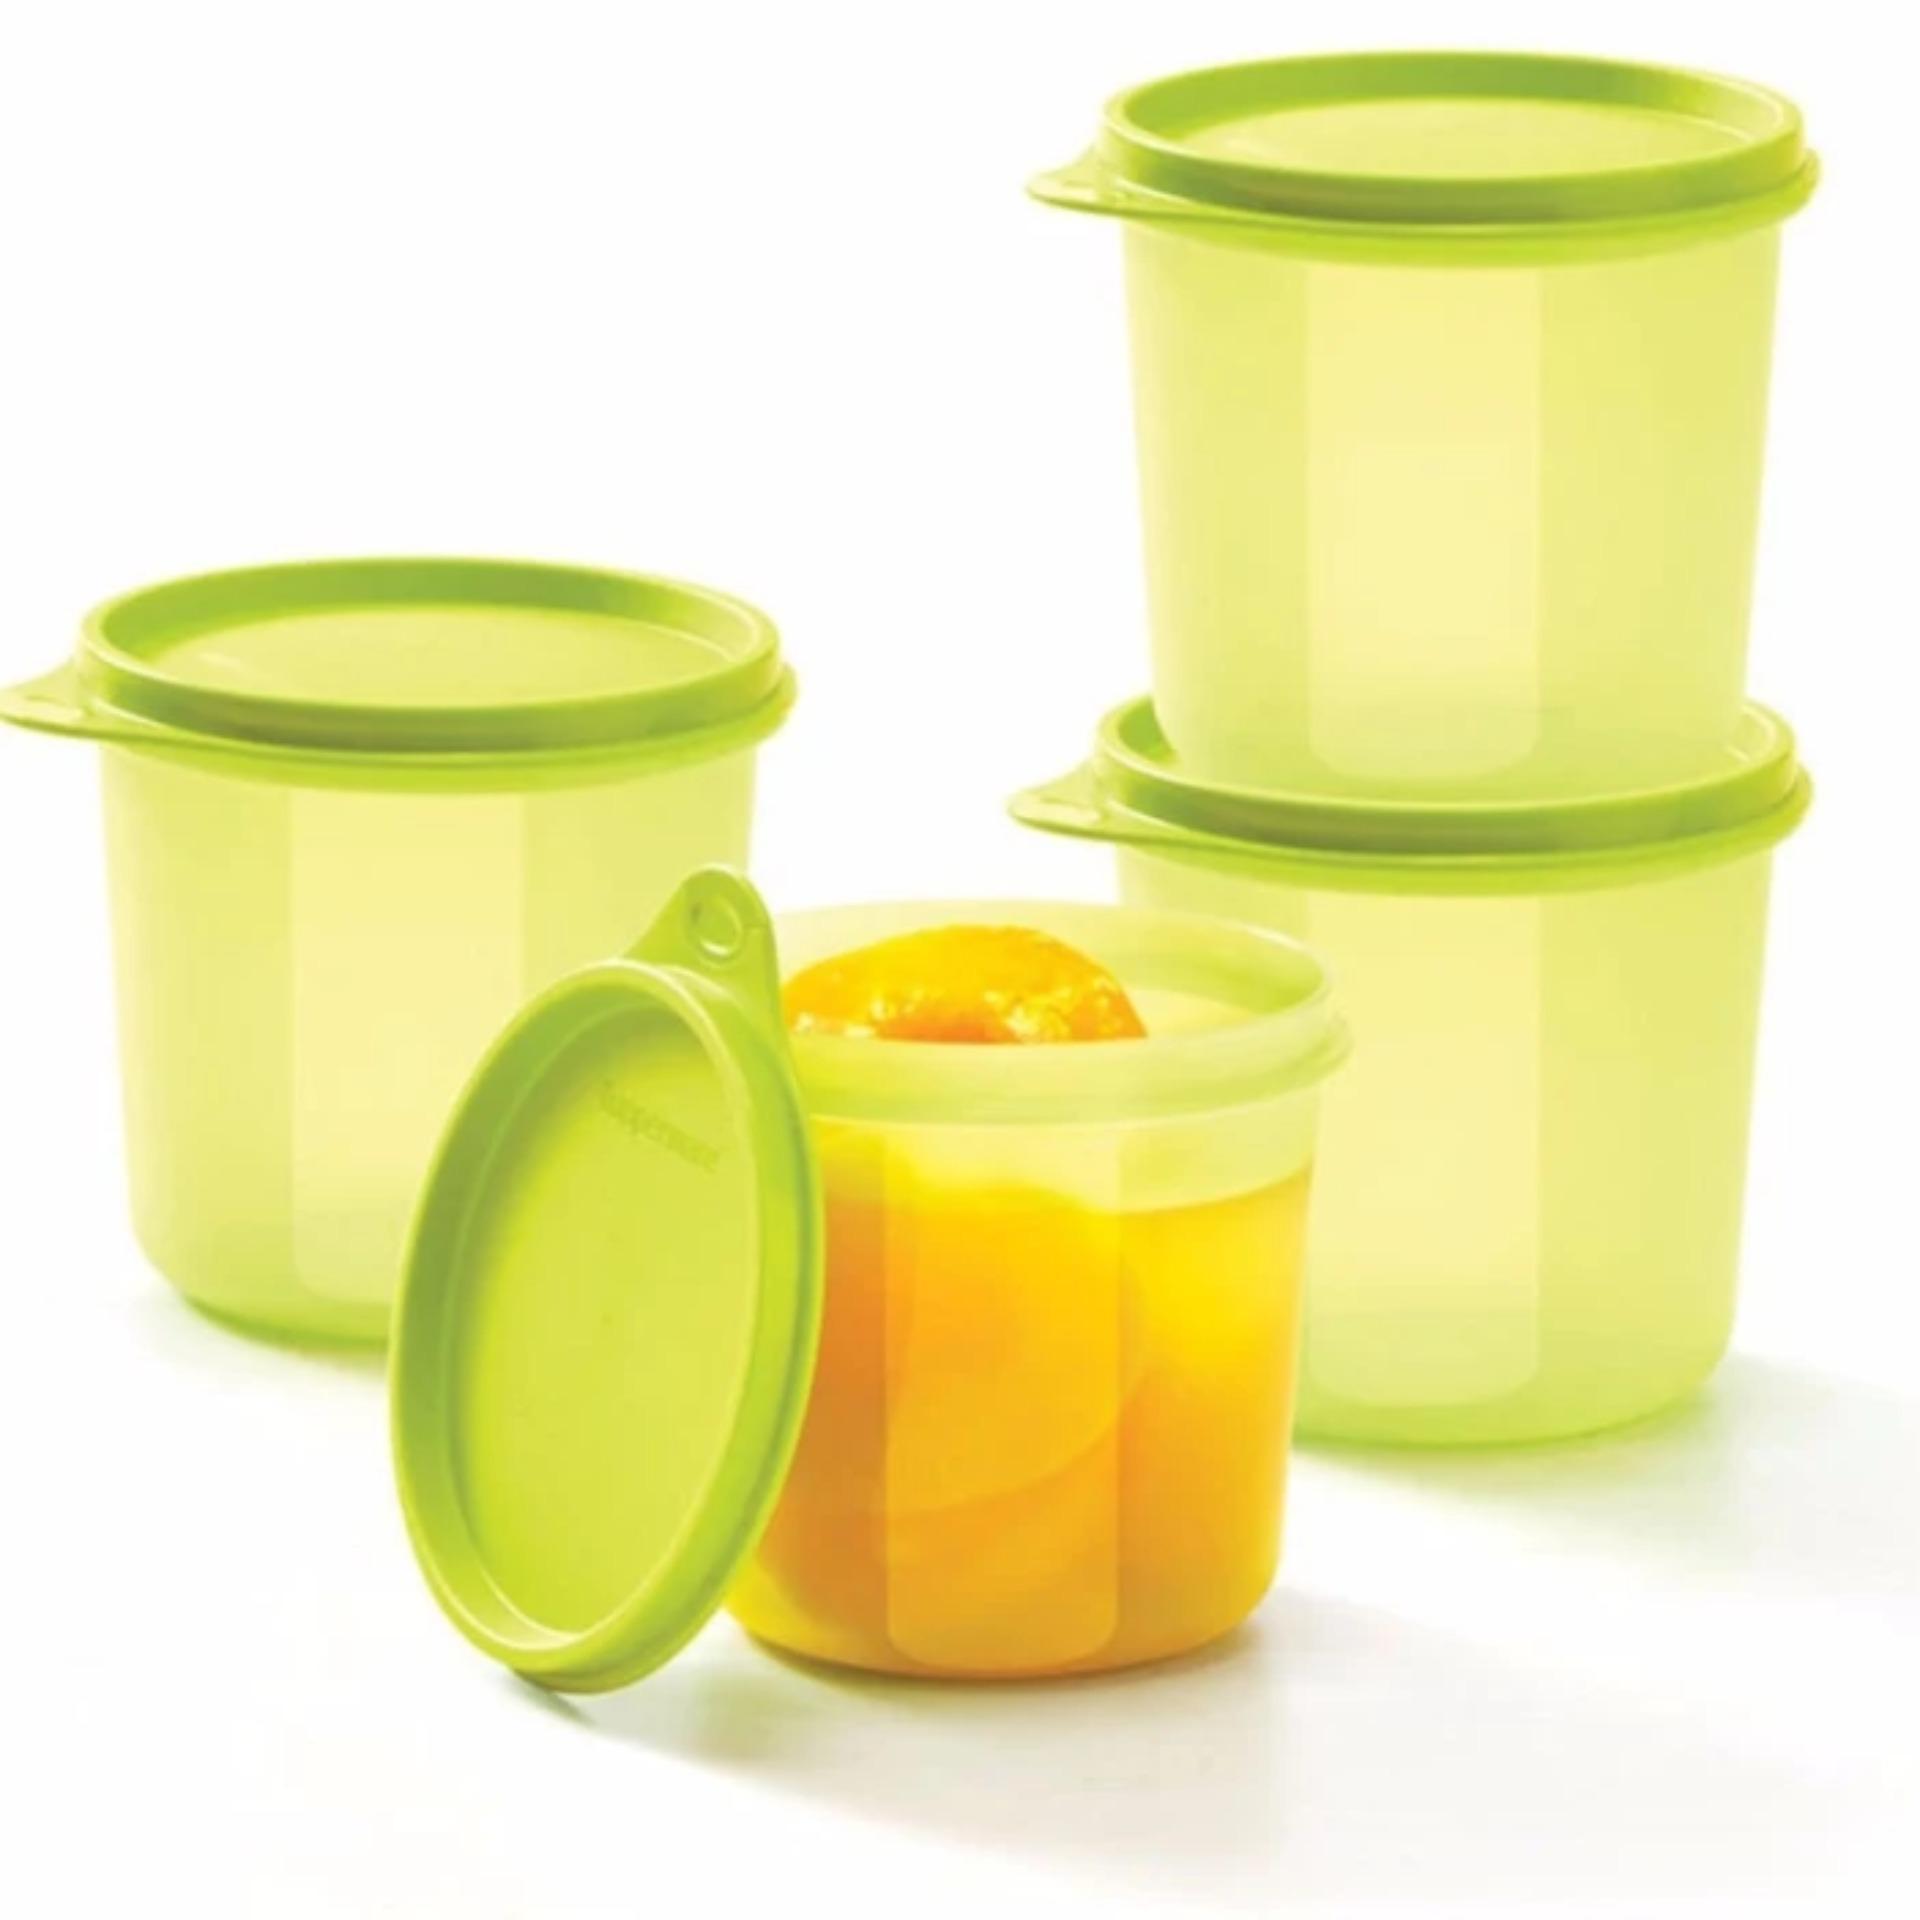 Harga preferensial Tupperware Compact Bowl High (1pcs) beli sekarang - Hanya Rp21.744